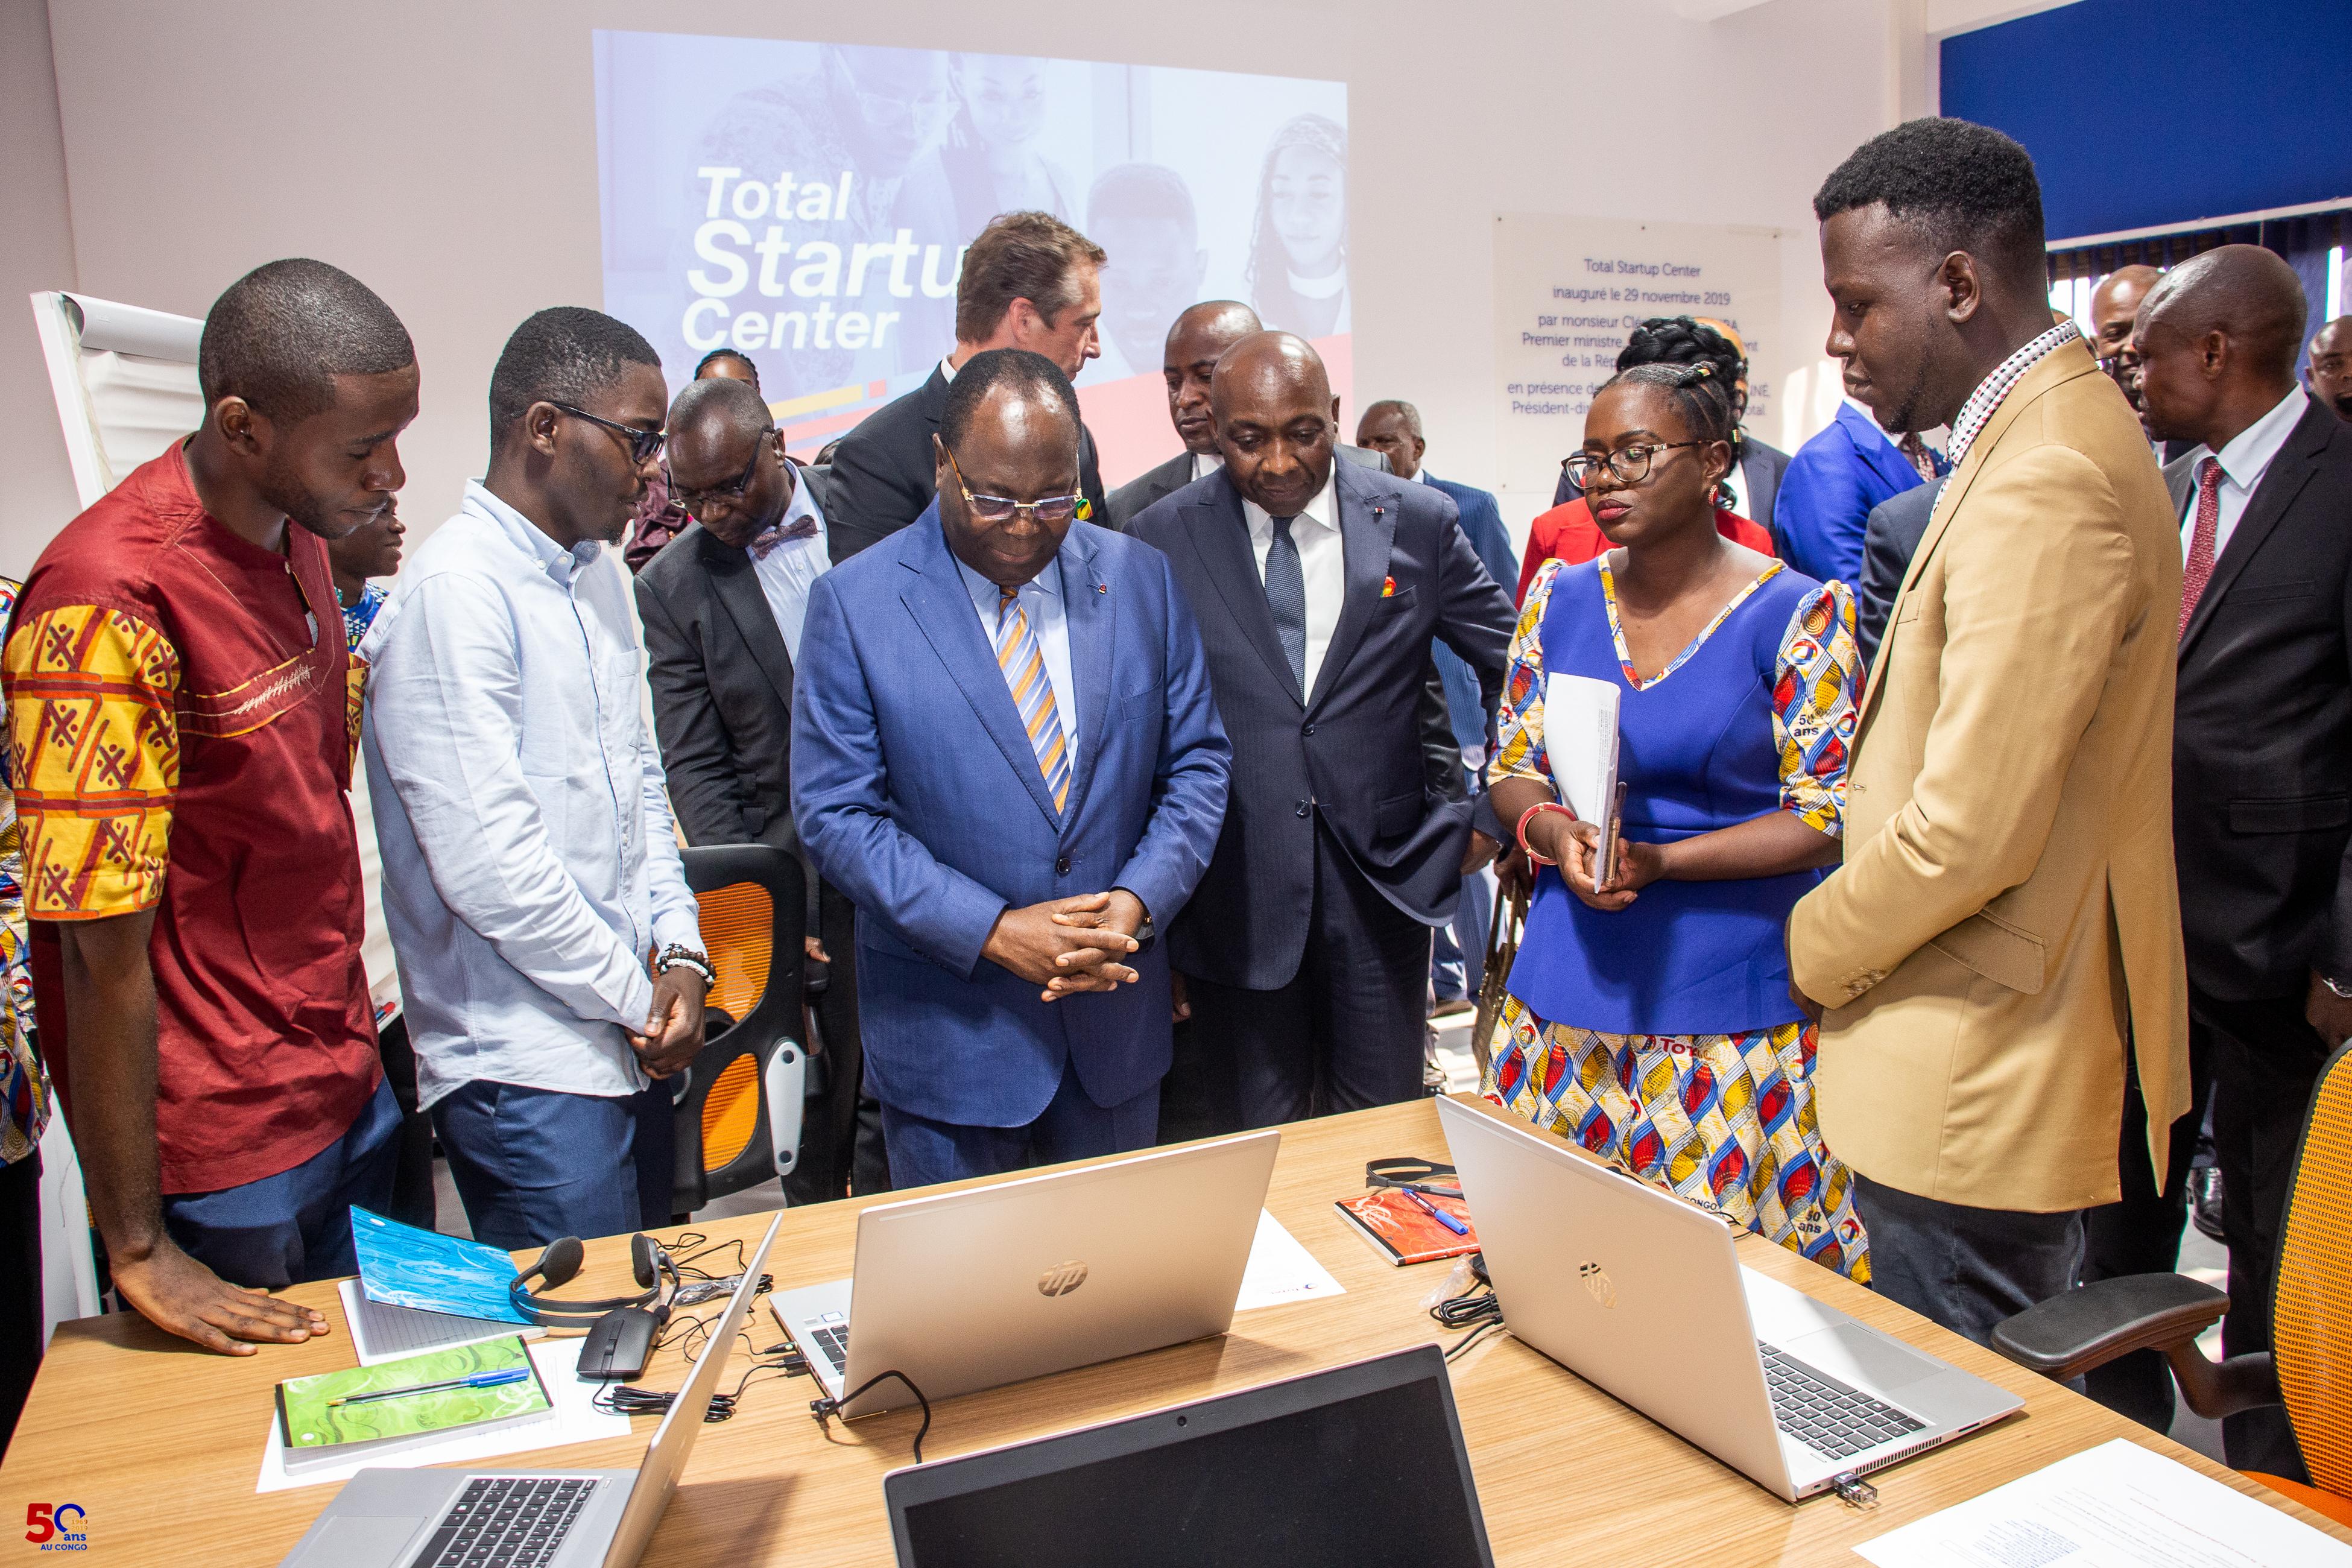 Le Premier ministre Clément Mouamba s'entretenant avec les incubés.